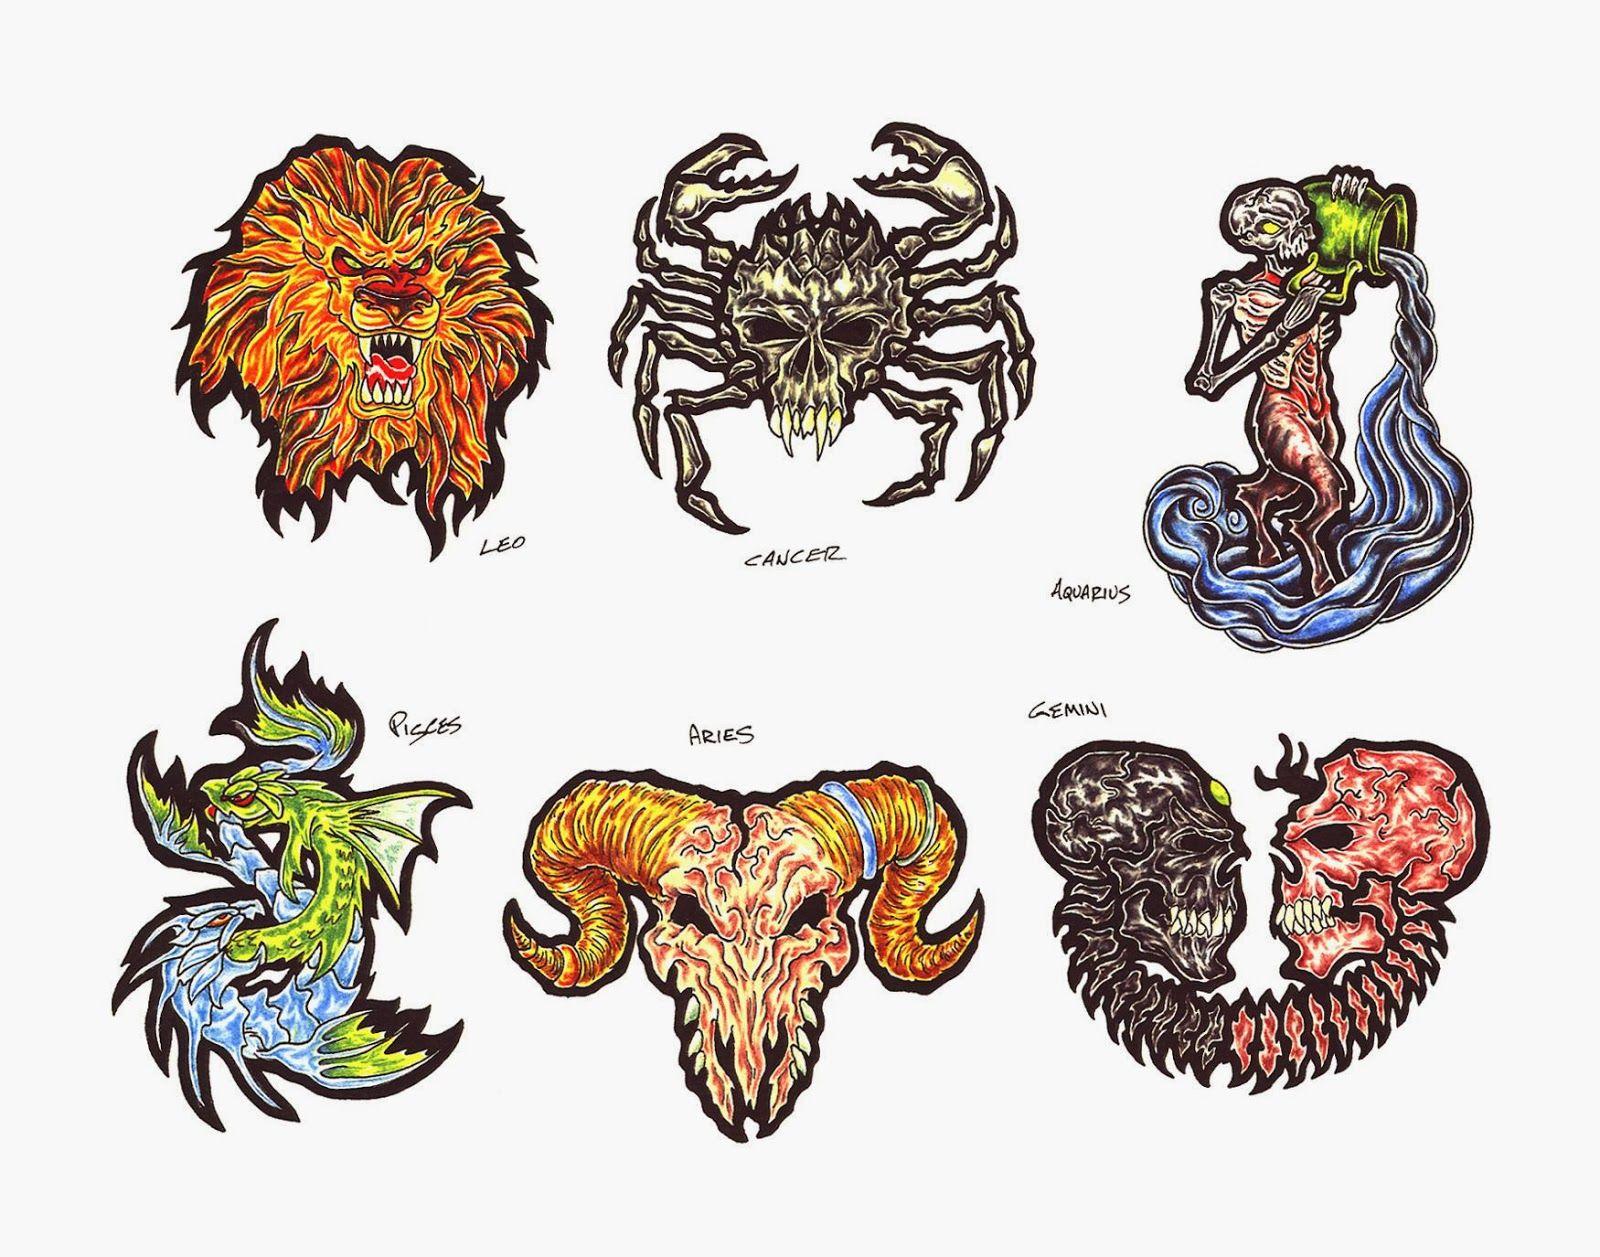 Tatuajes a Color Signos del Zodiaco 2014 - IMÁGENES del ZODIACO ...